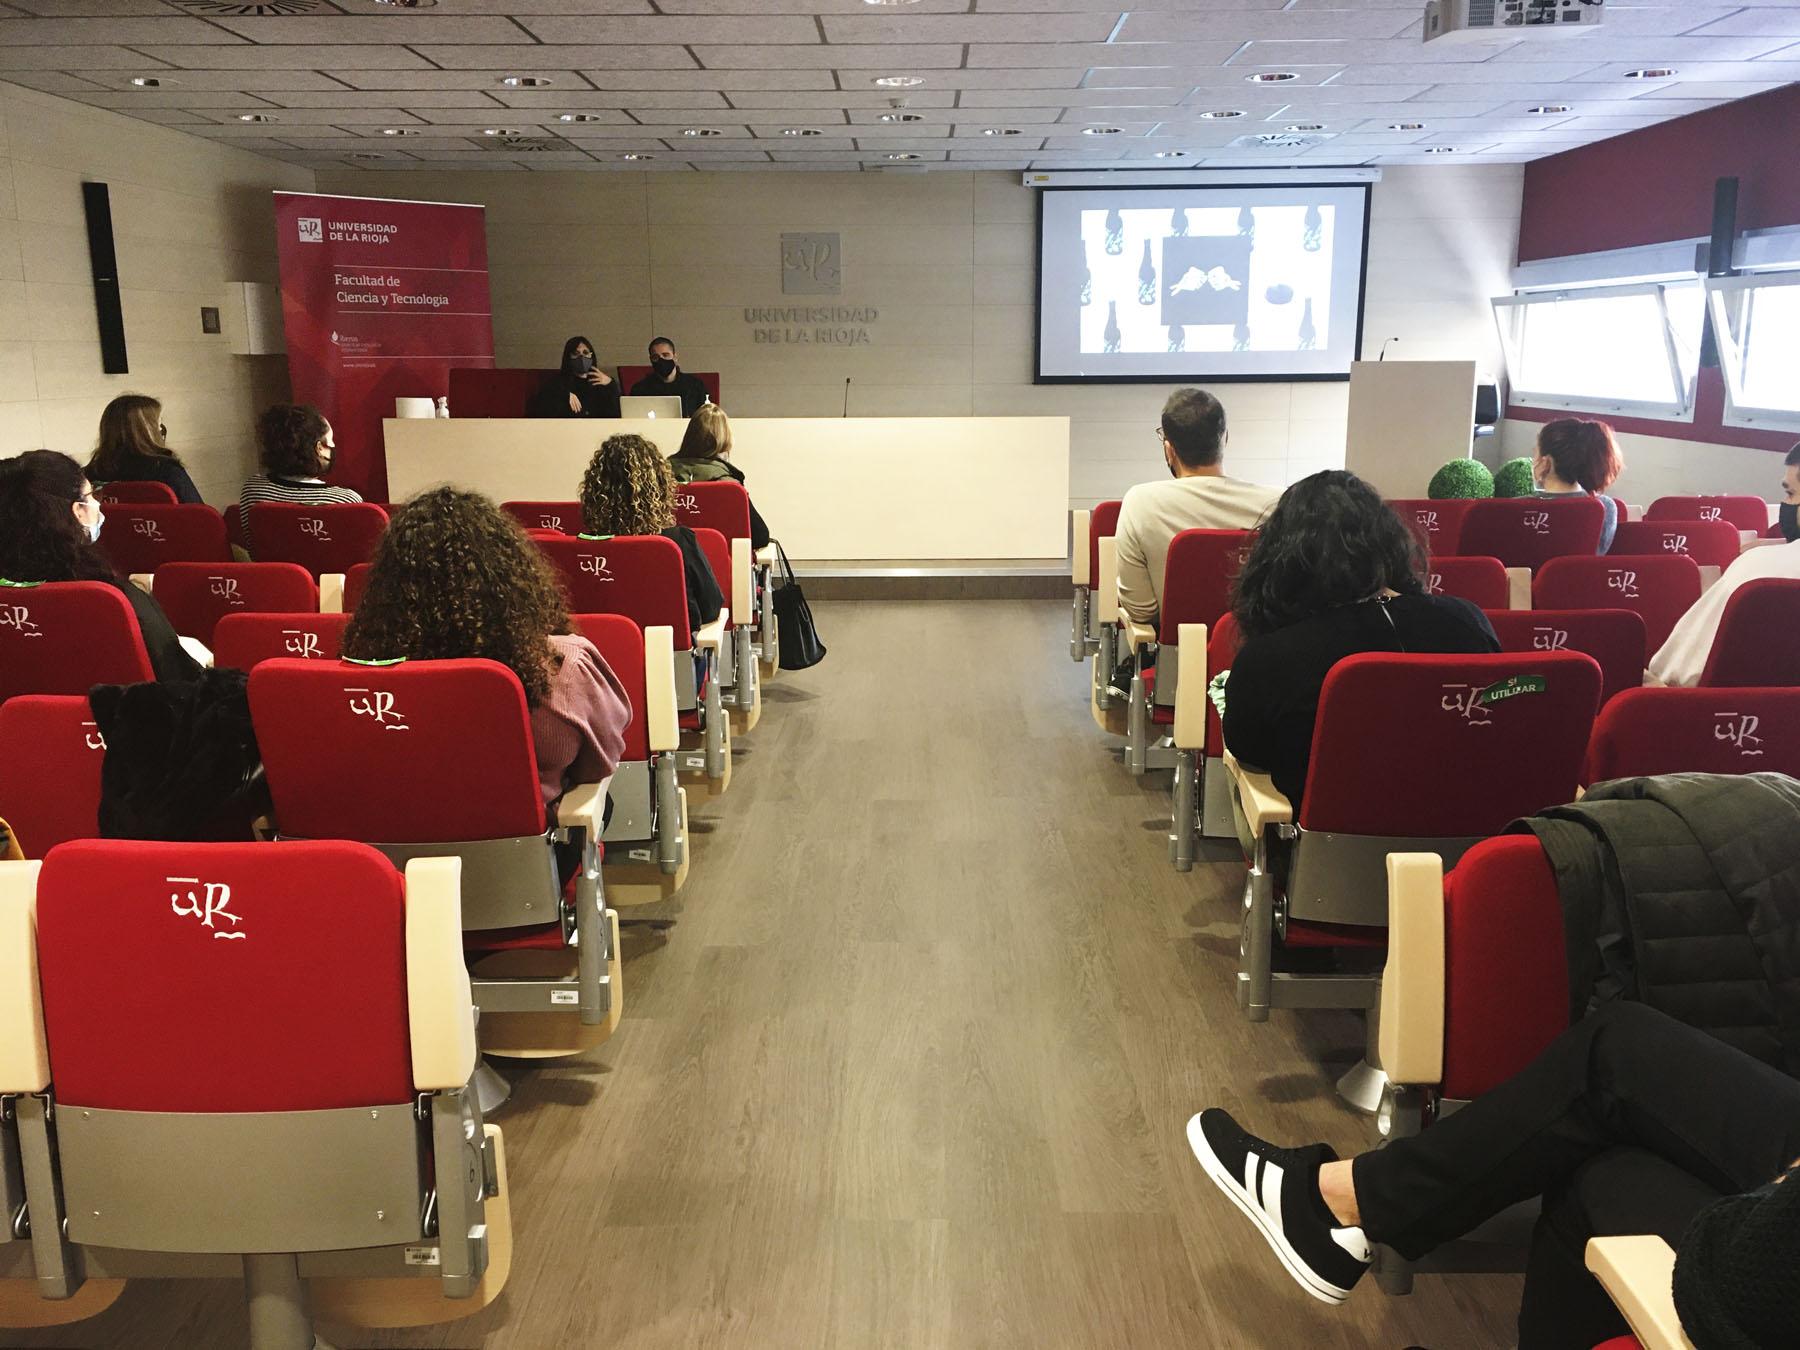 Conferencia de Hula y jornada colaborativa Enología UR con el Máster de Packaging